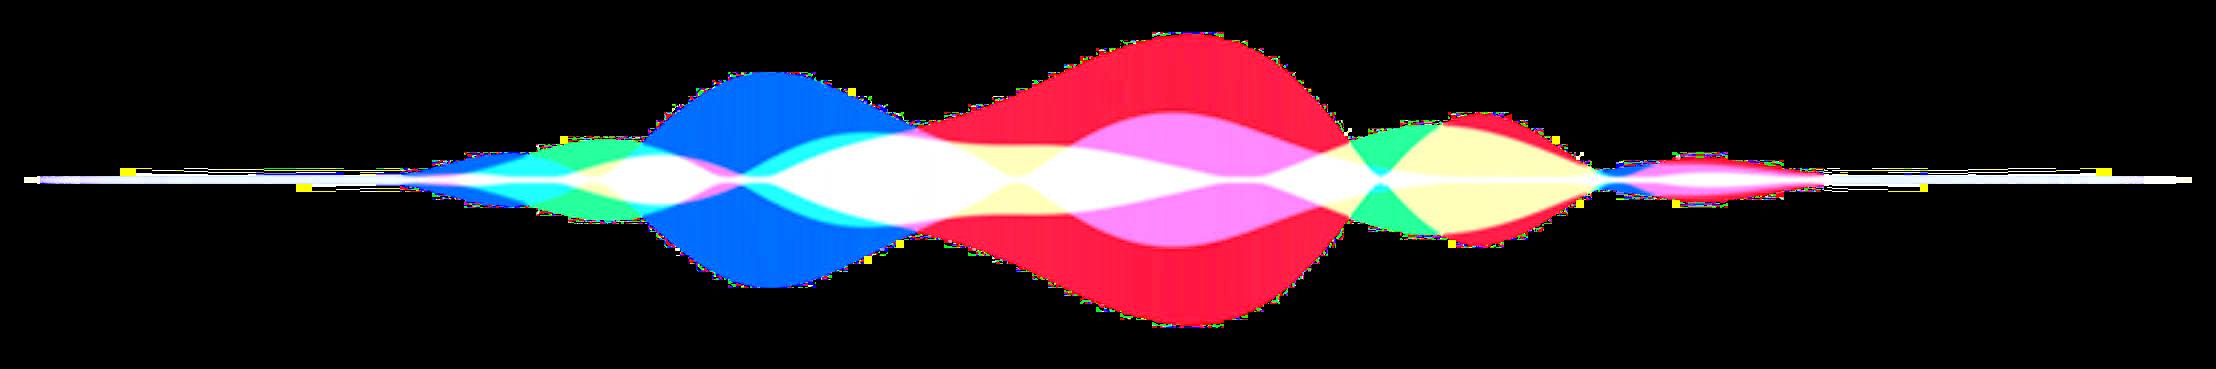 Craig Dehner | Siri